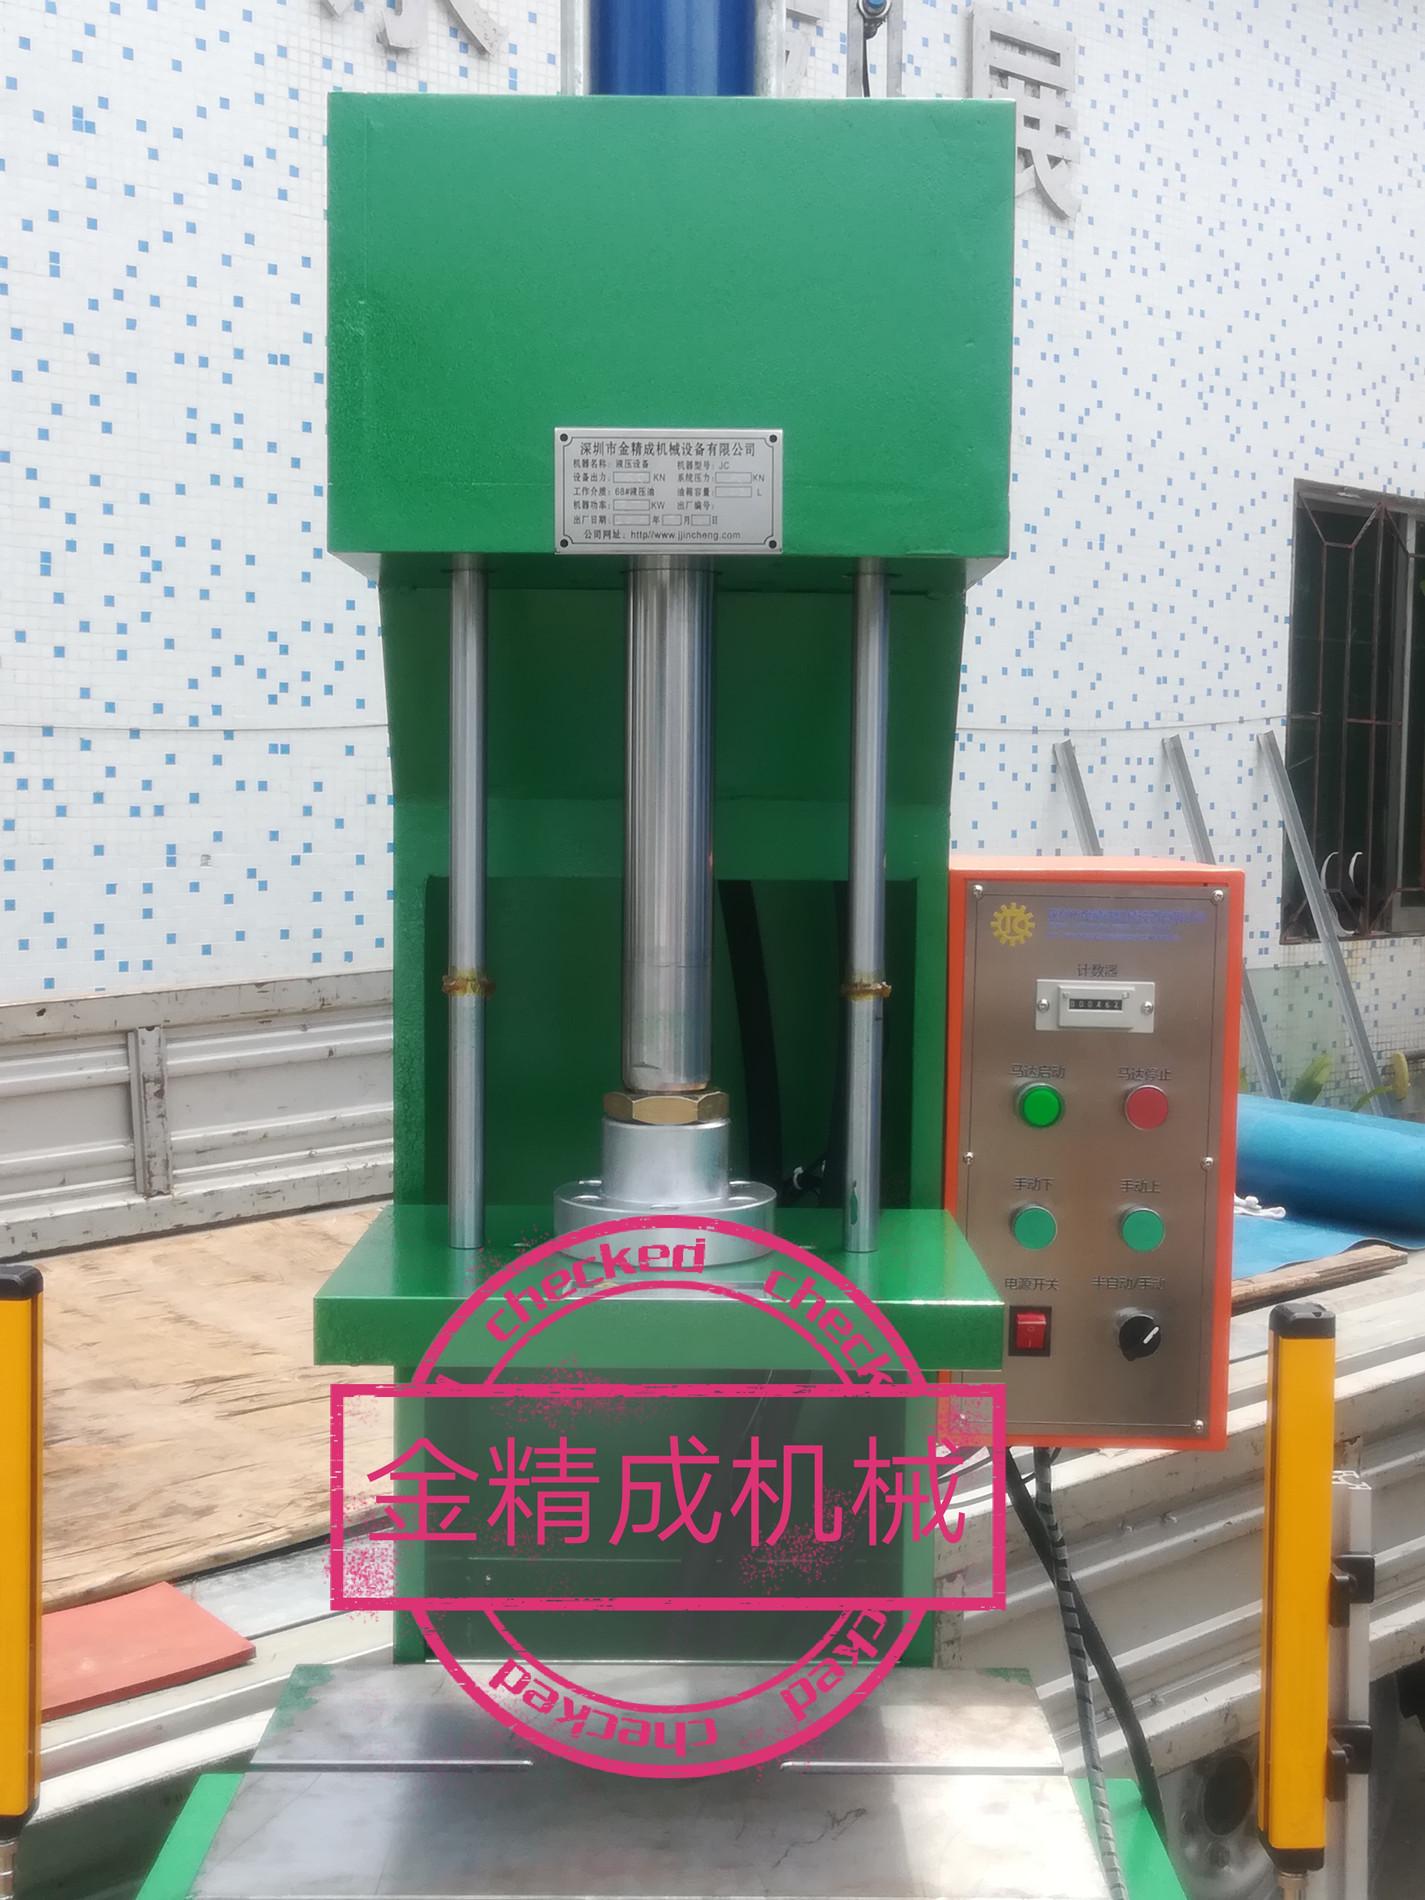 小油压机 桌面式油压机 弓形油压机 单柱液压机